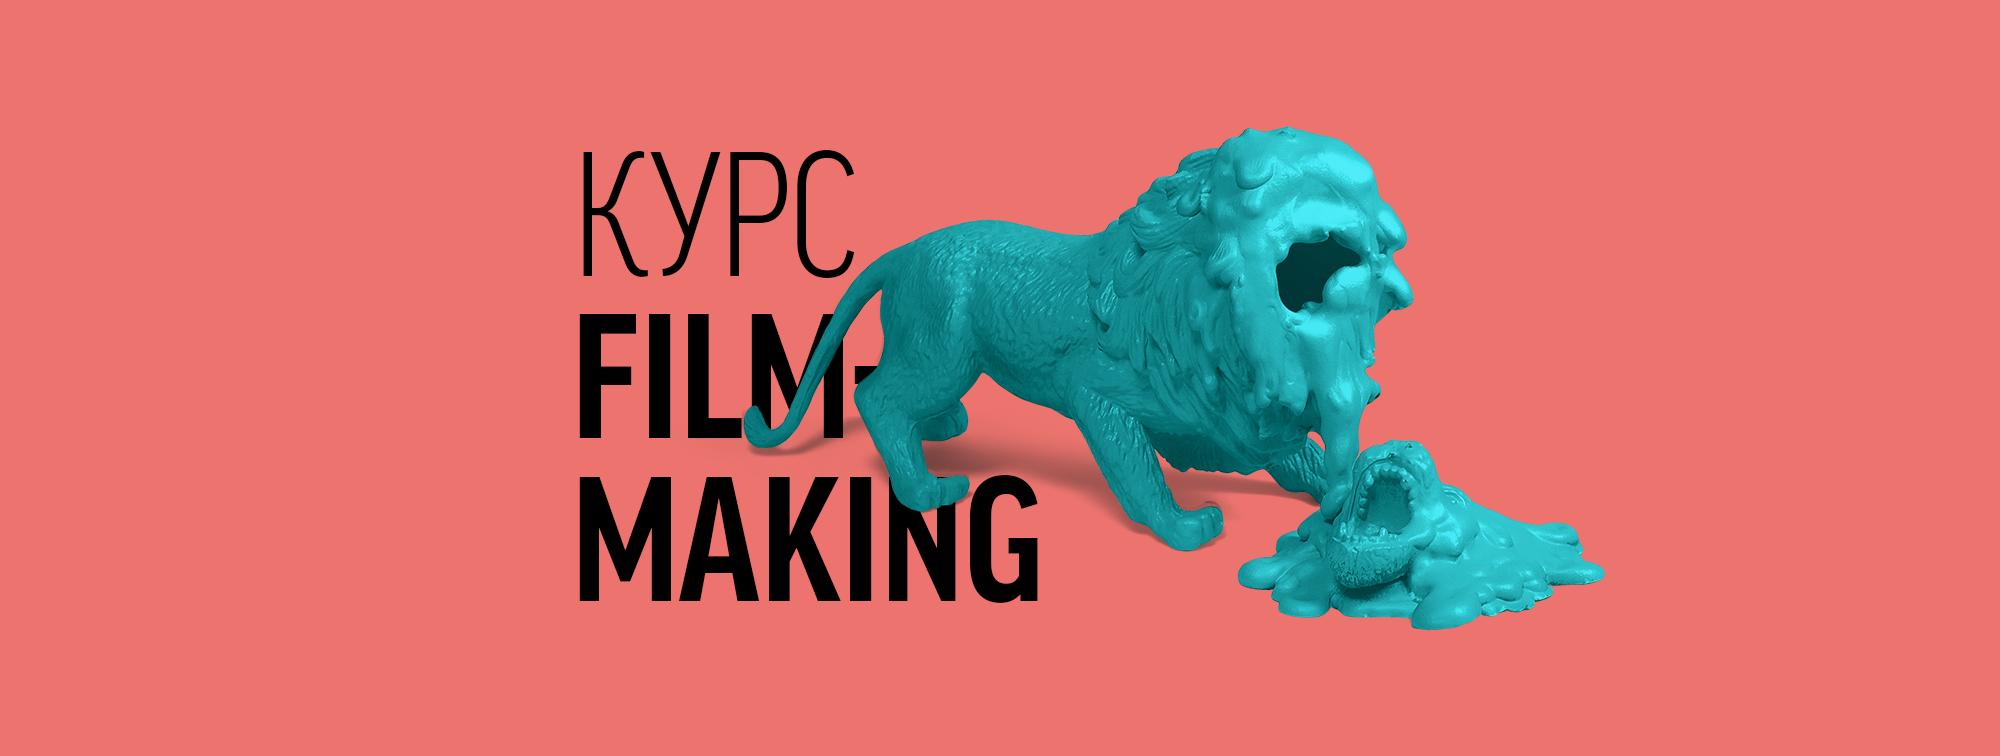 filmmaking_fb copy1.png